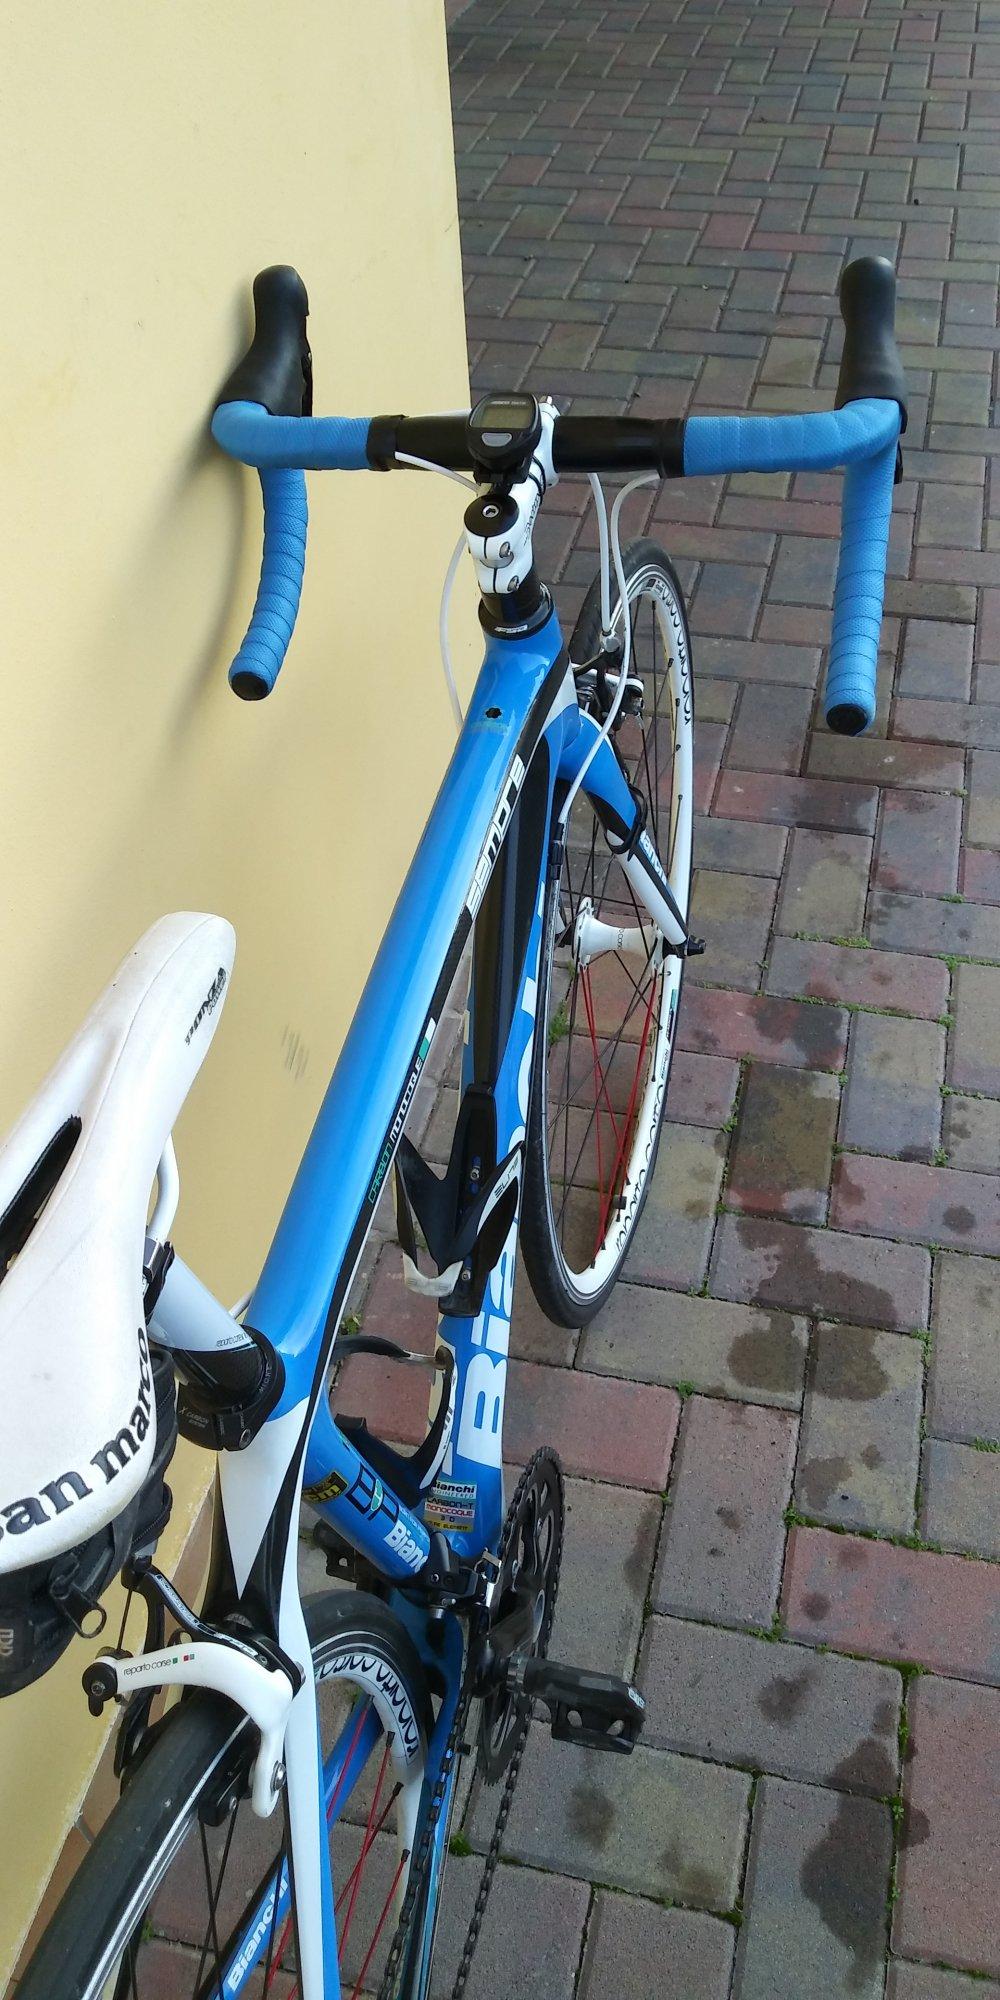 bici 079.jpg